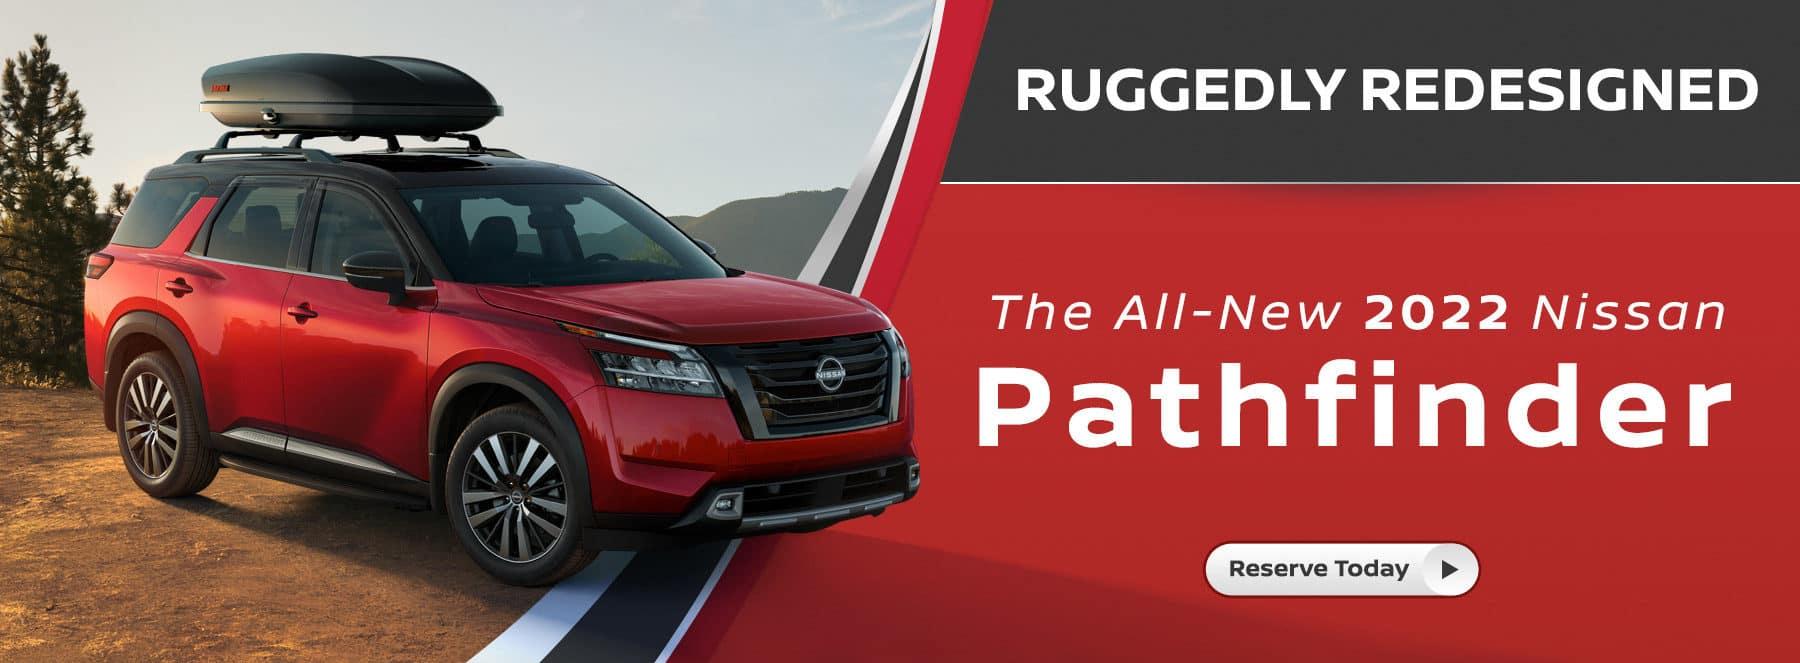 2022 Nissan Pathfinder Release Event Banner Image